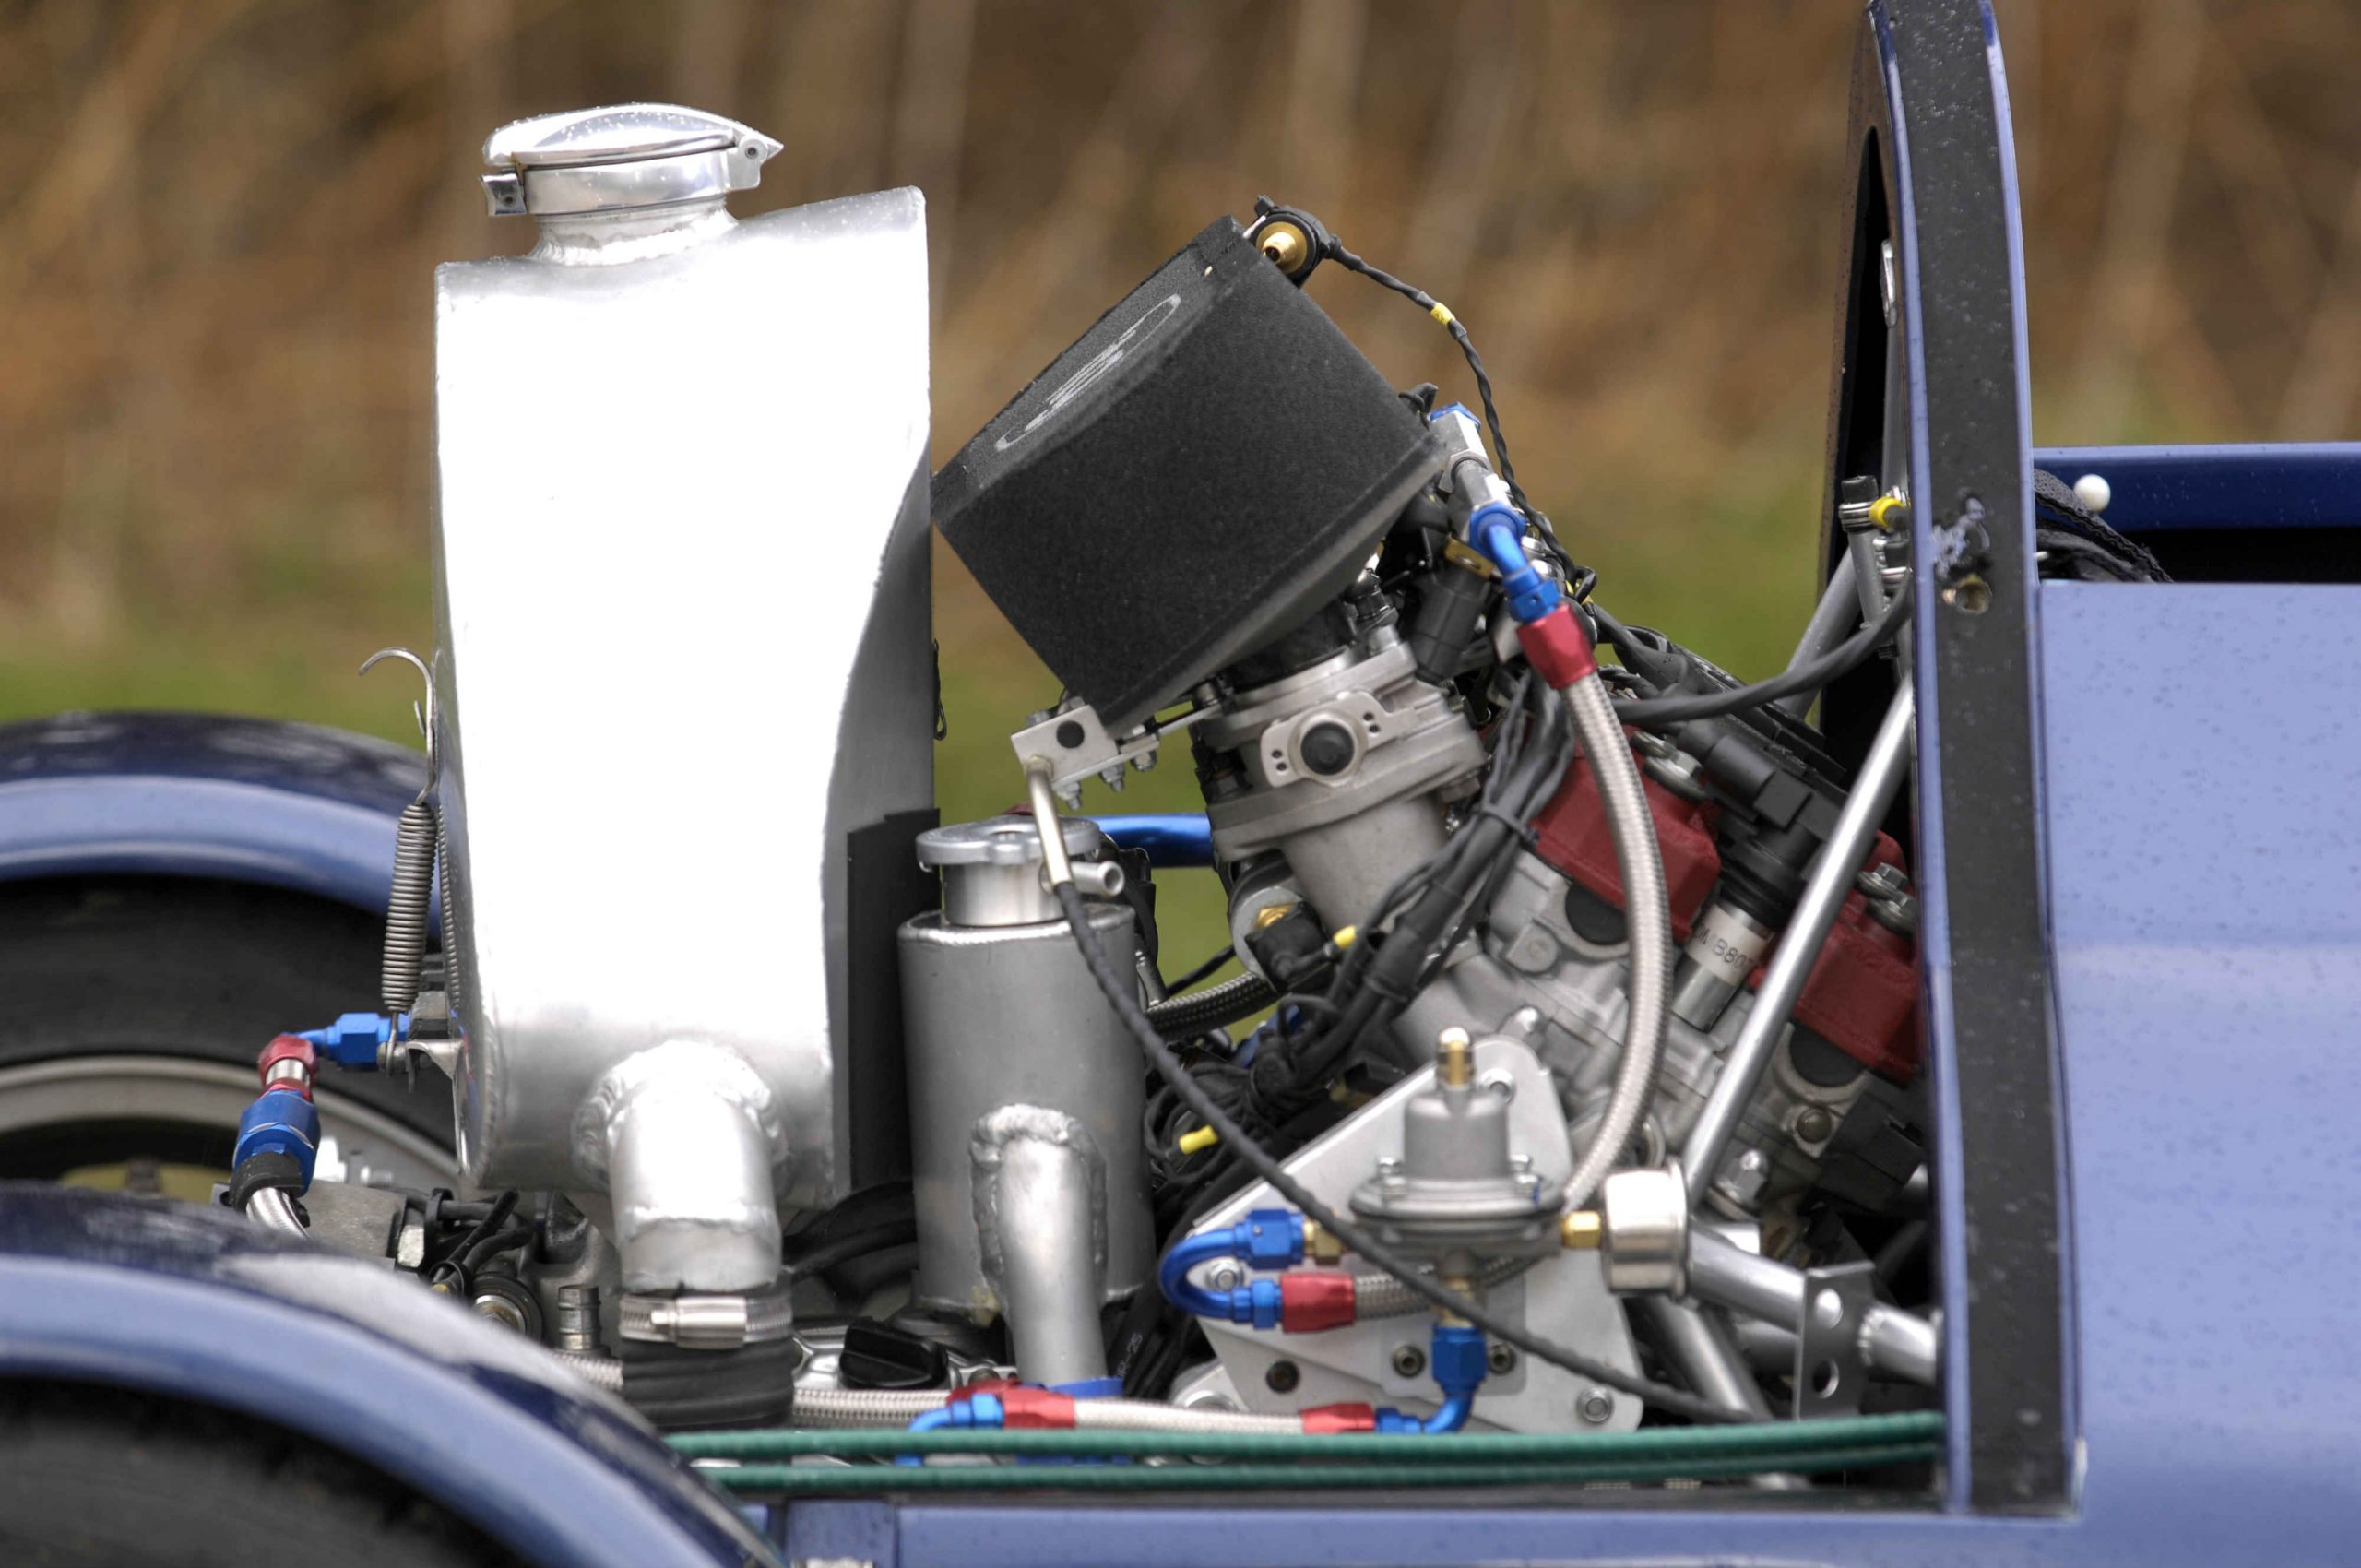 Rocket car engine side profile